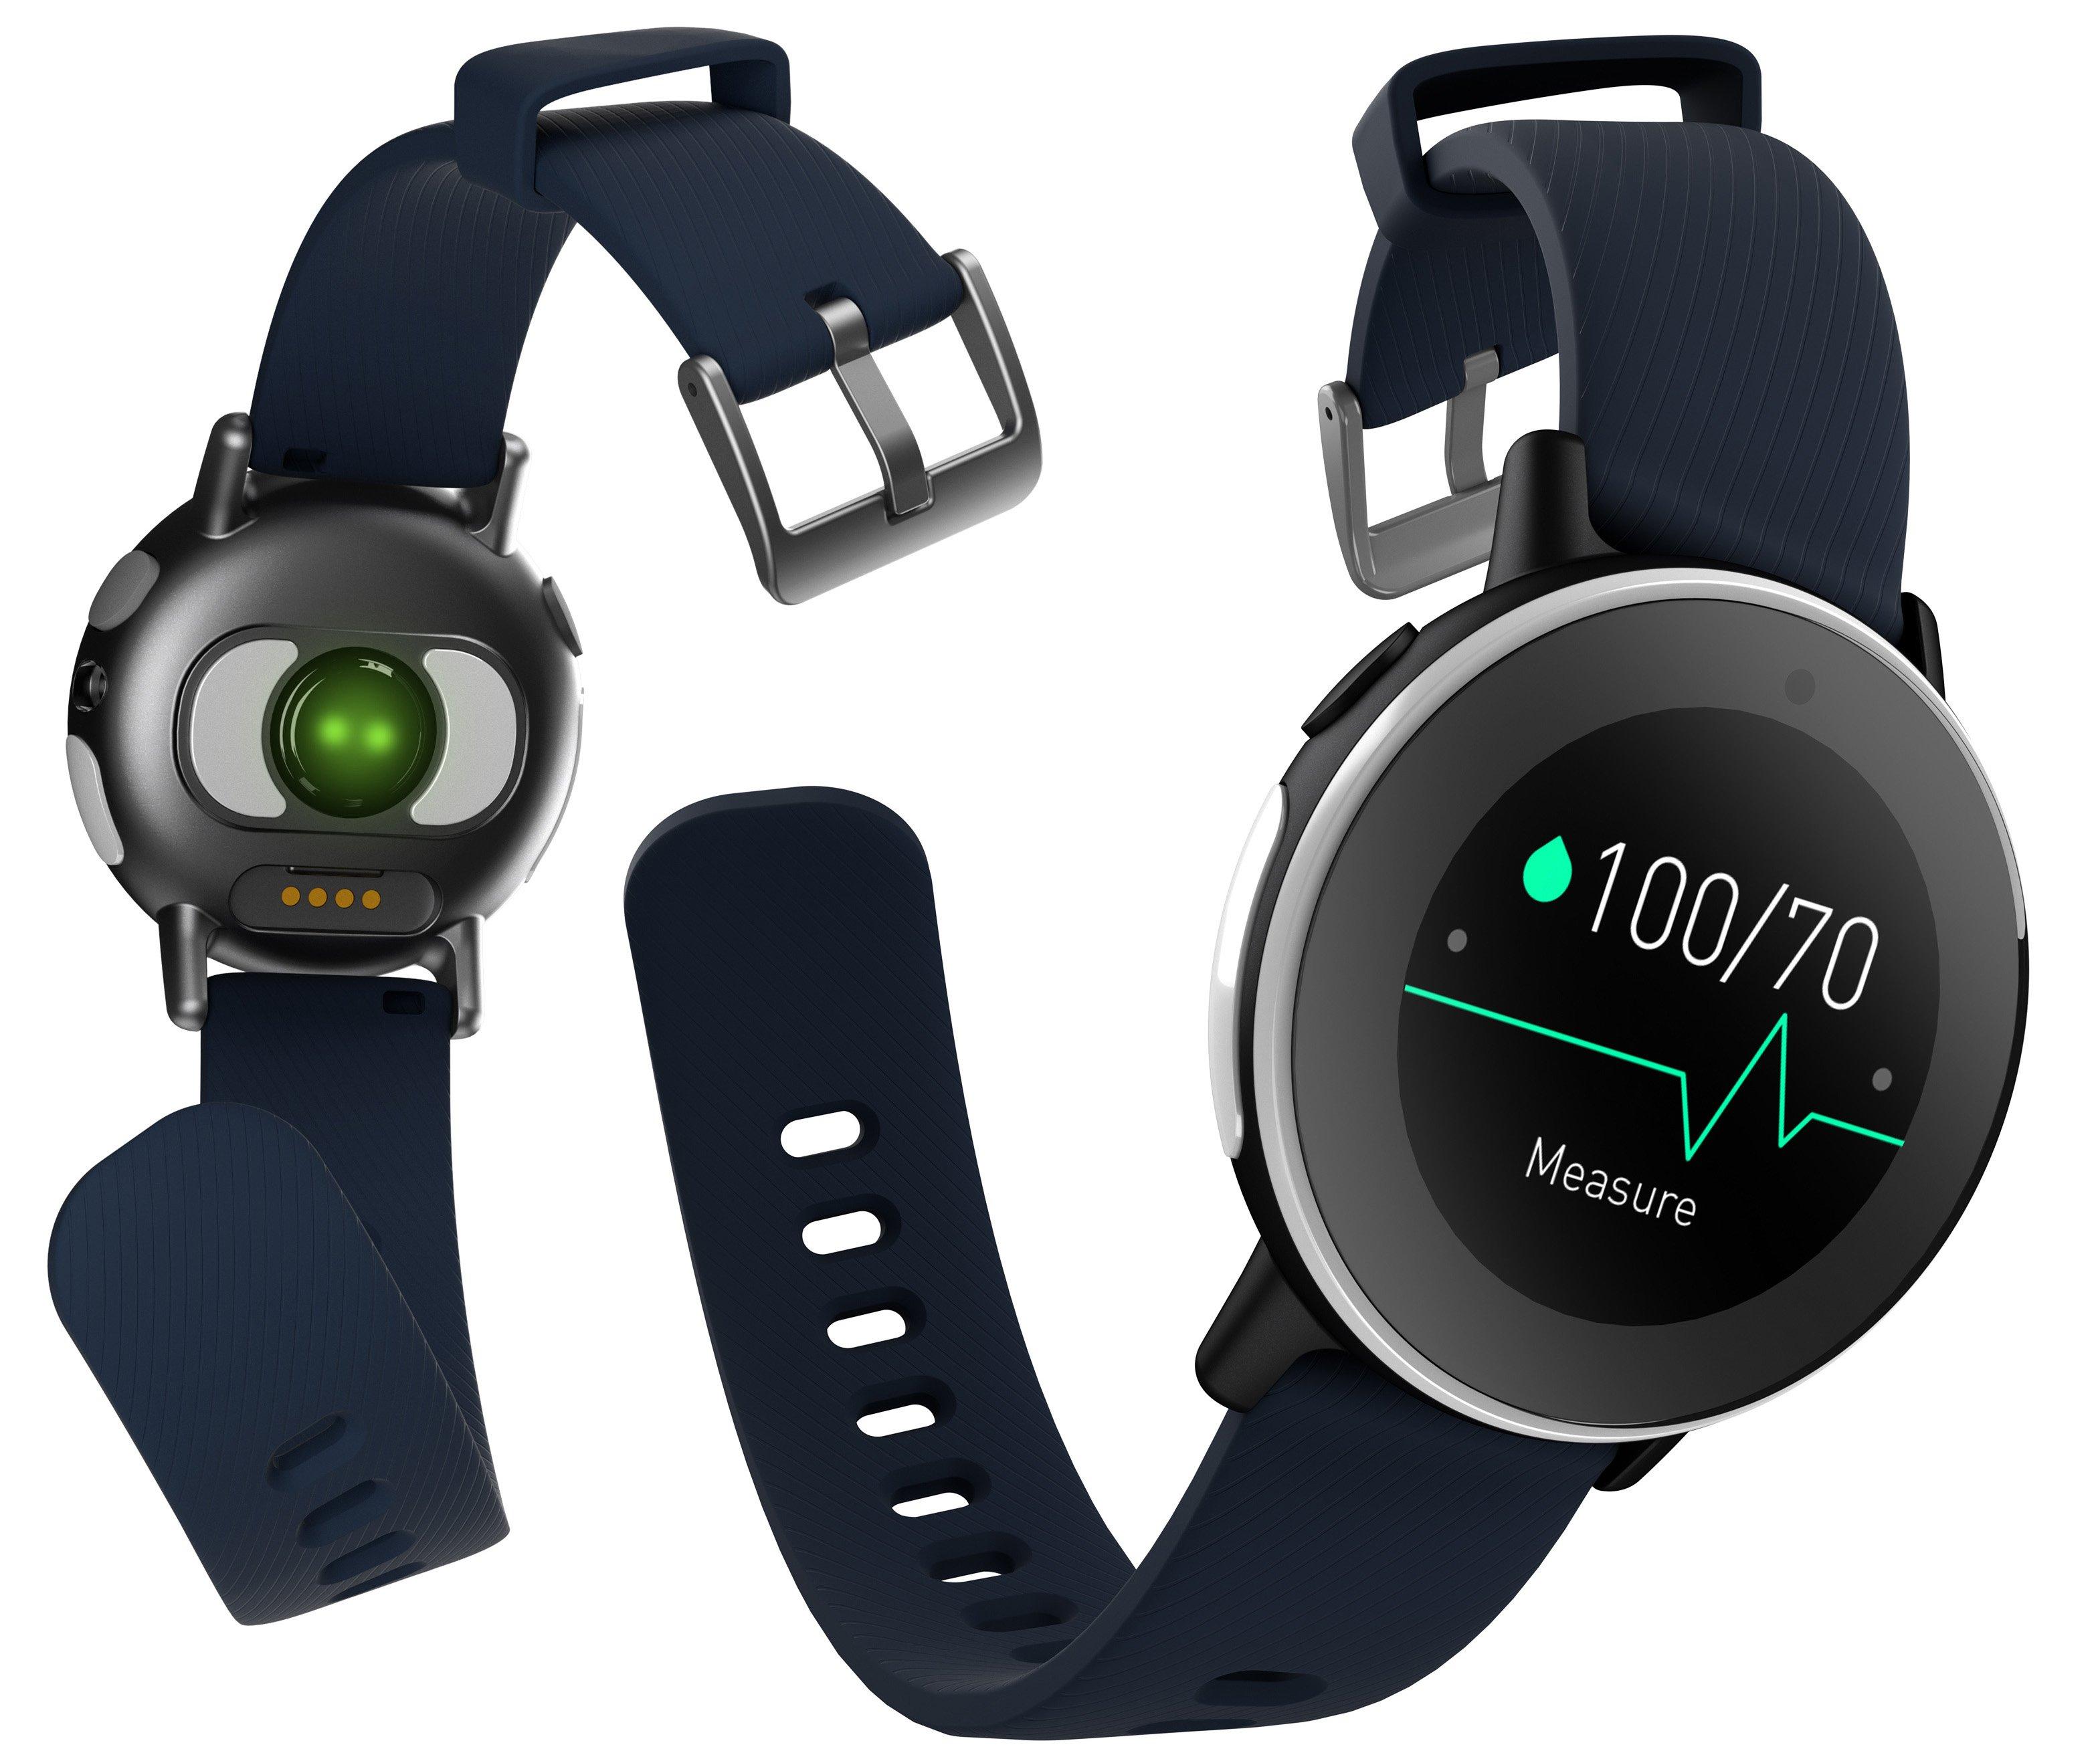 Acer'dan Estetik Akıllı Saat Leap Ware